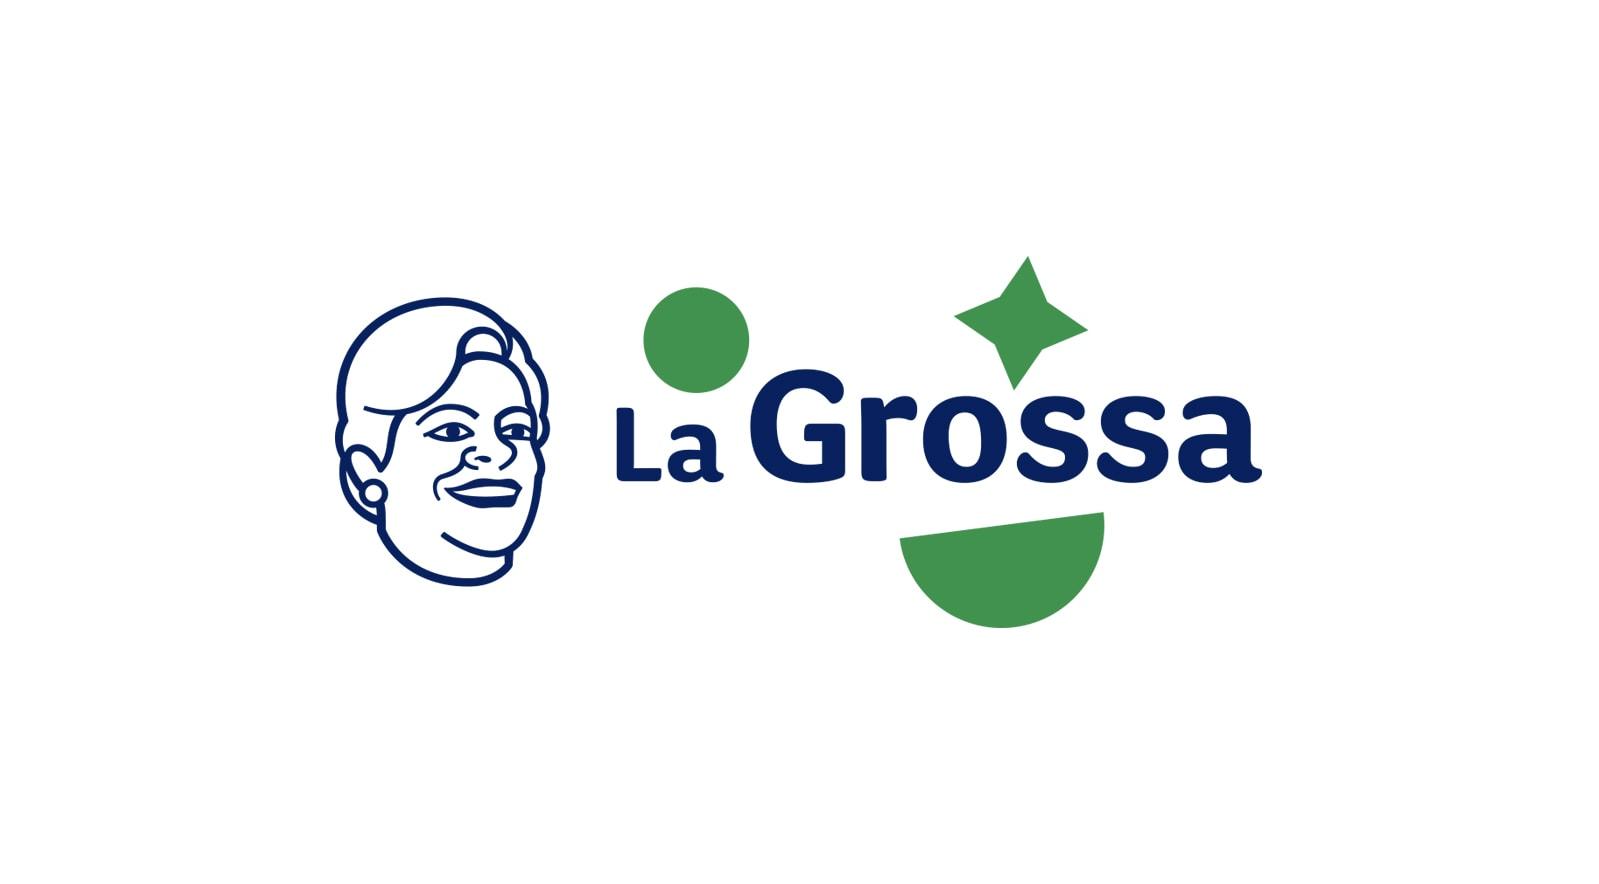 La Grossa logo